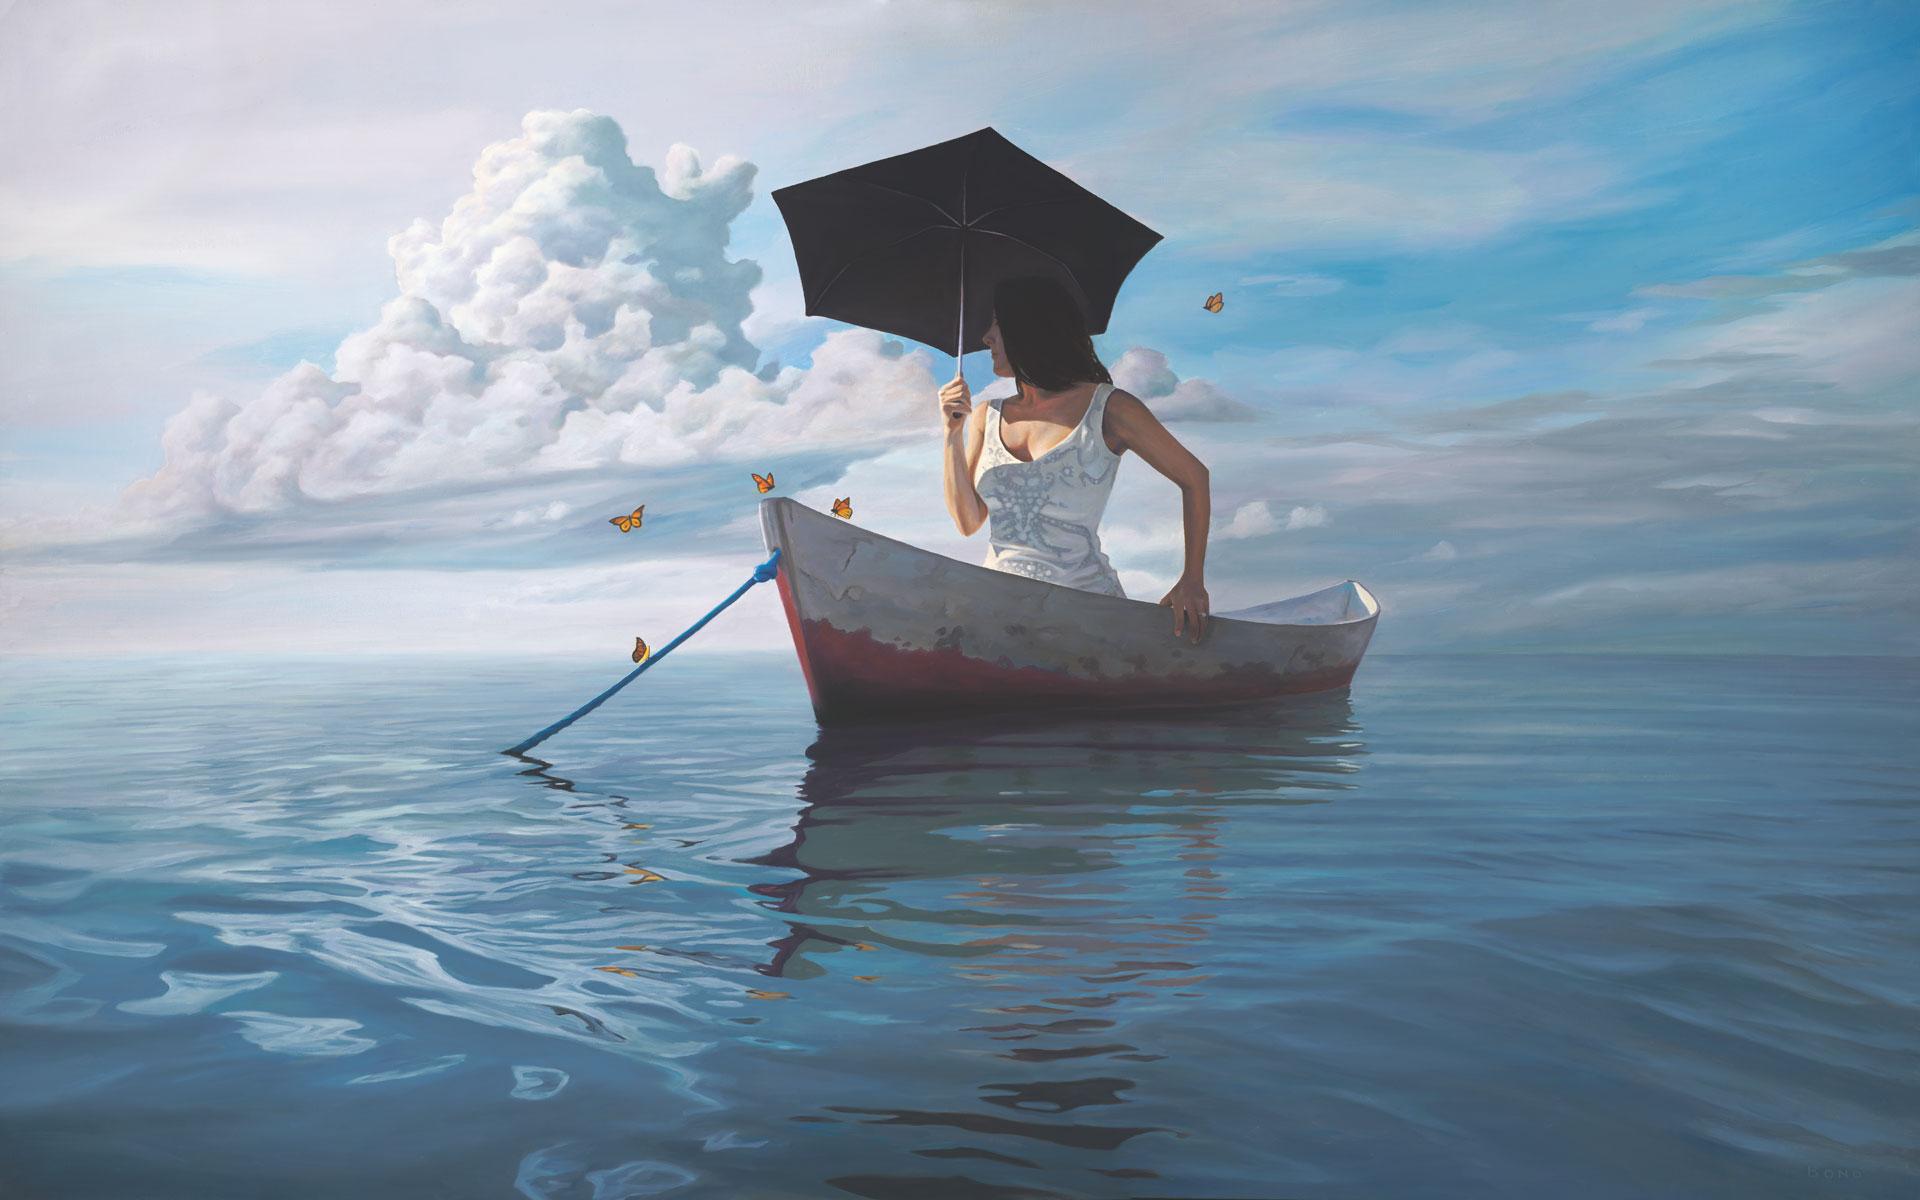 приснилось тонуть на лодке